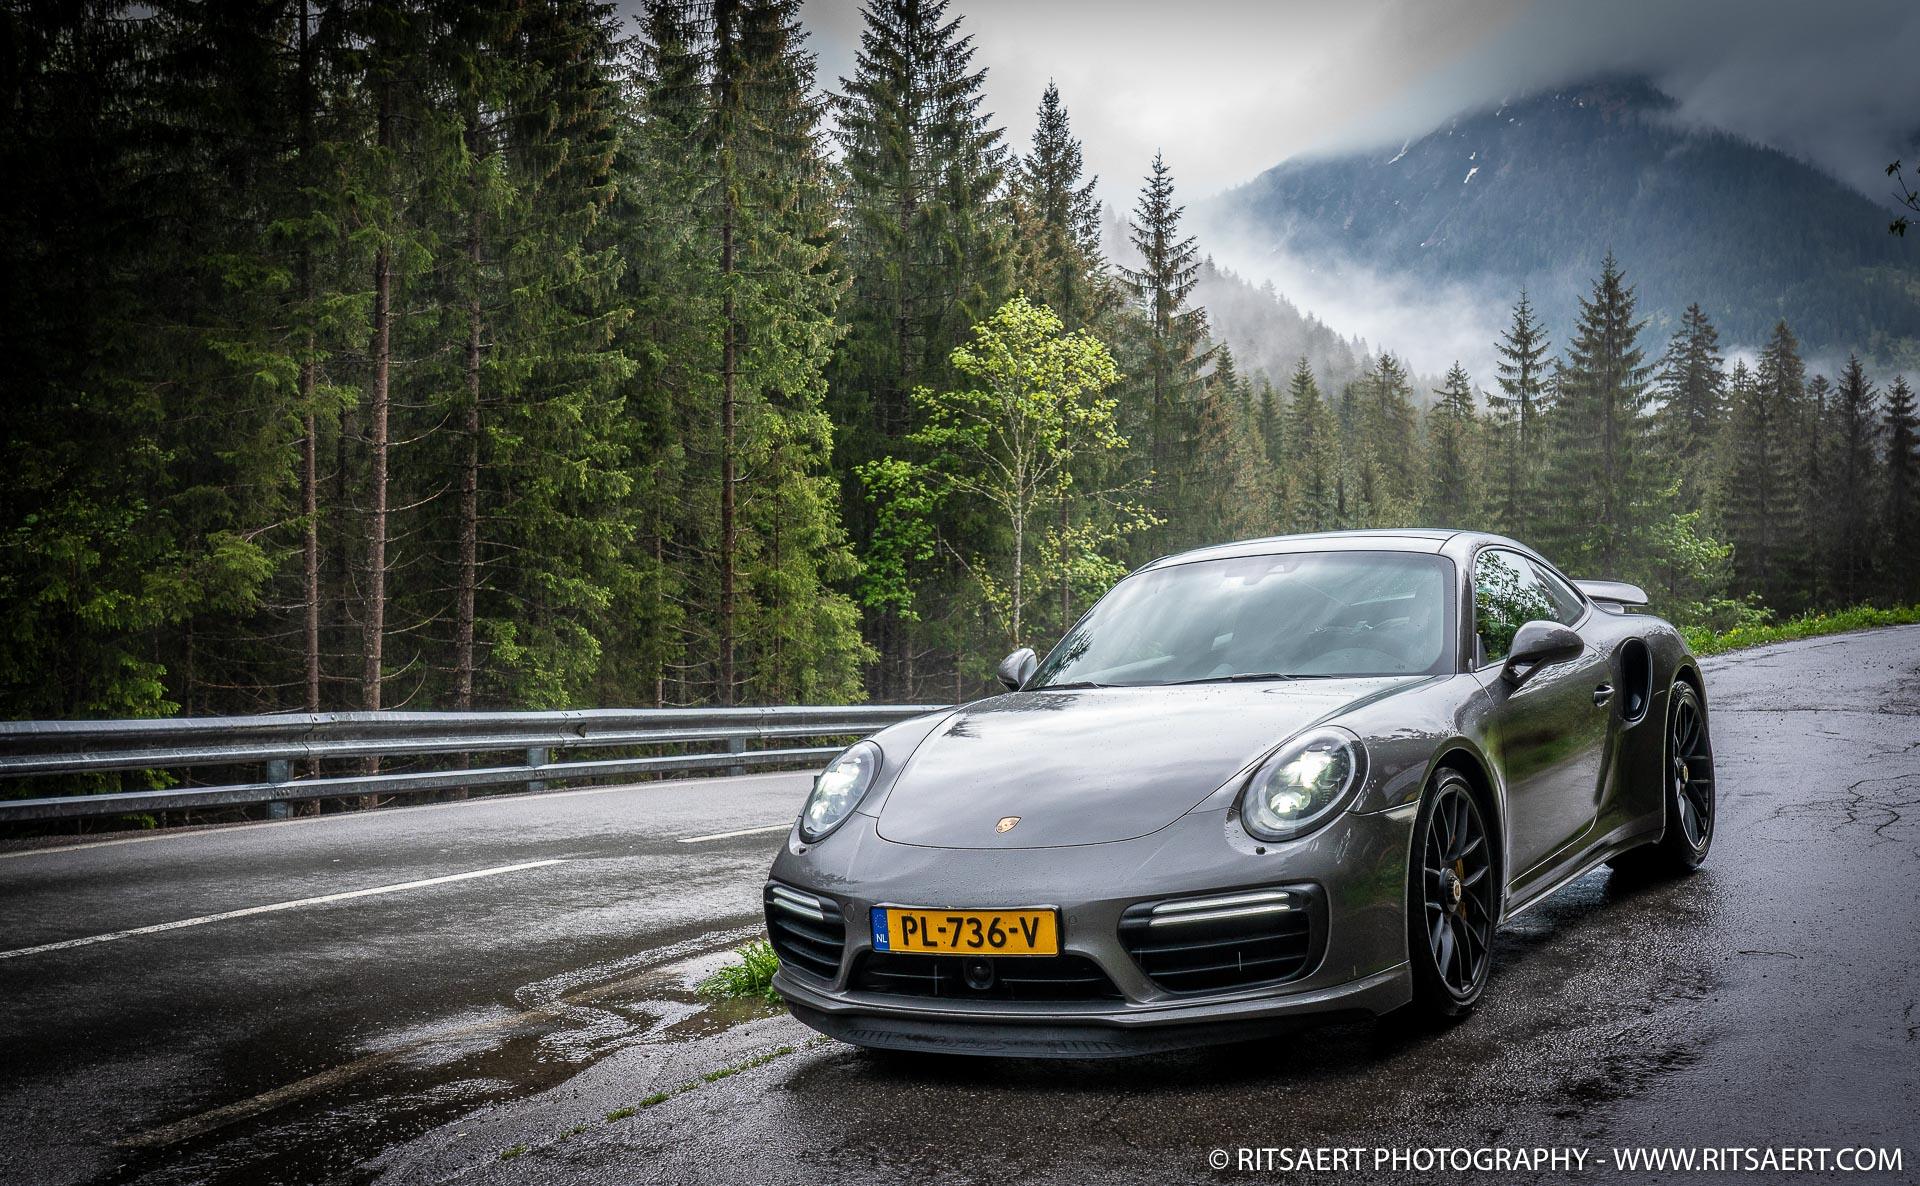 Porsche 911 Turbo - Berwang - Osterreich